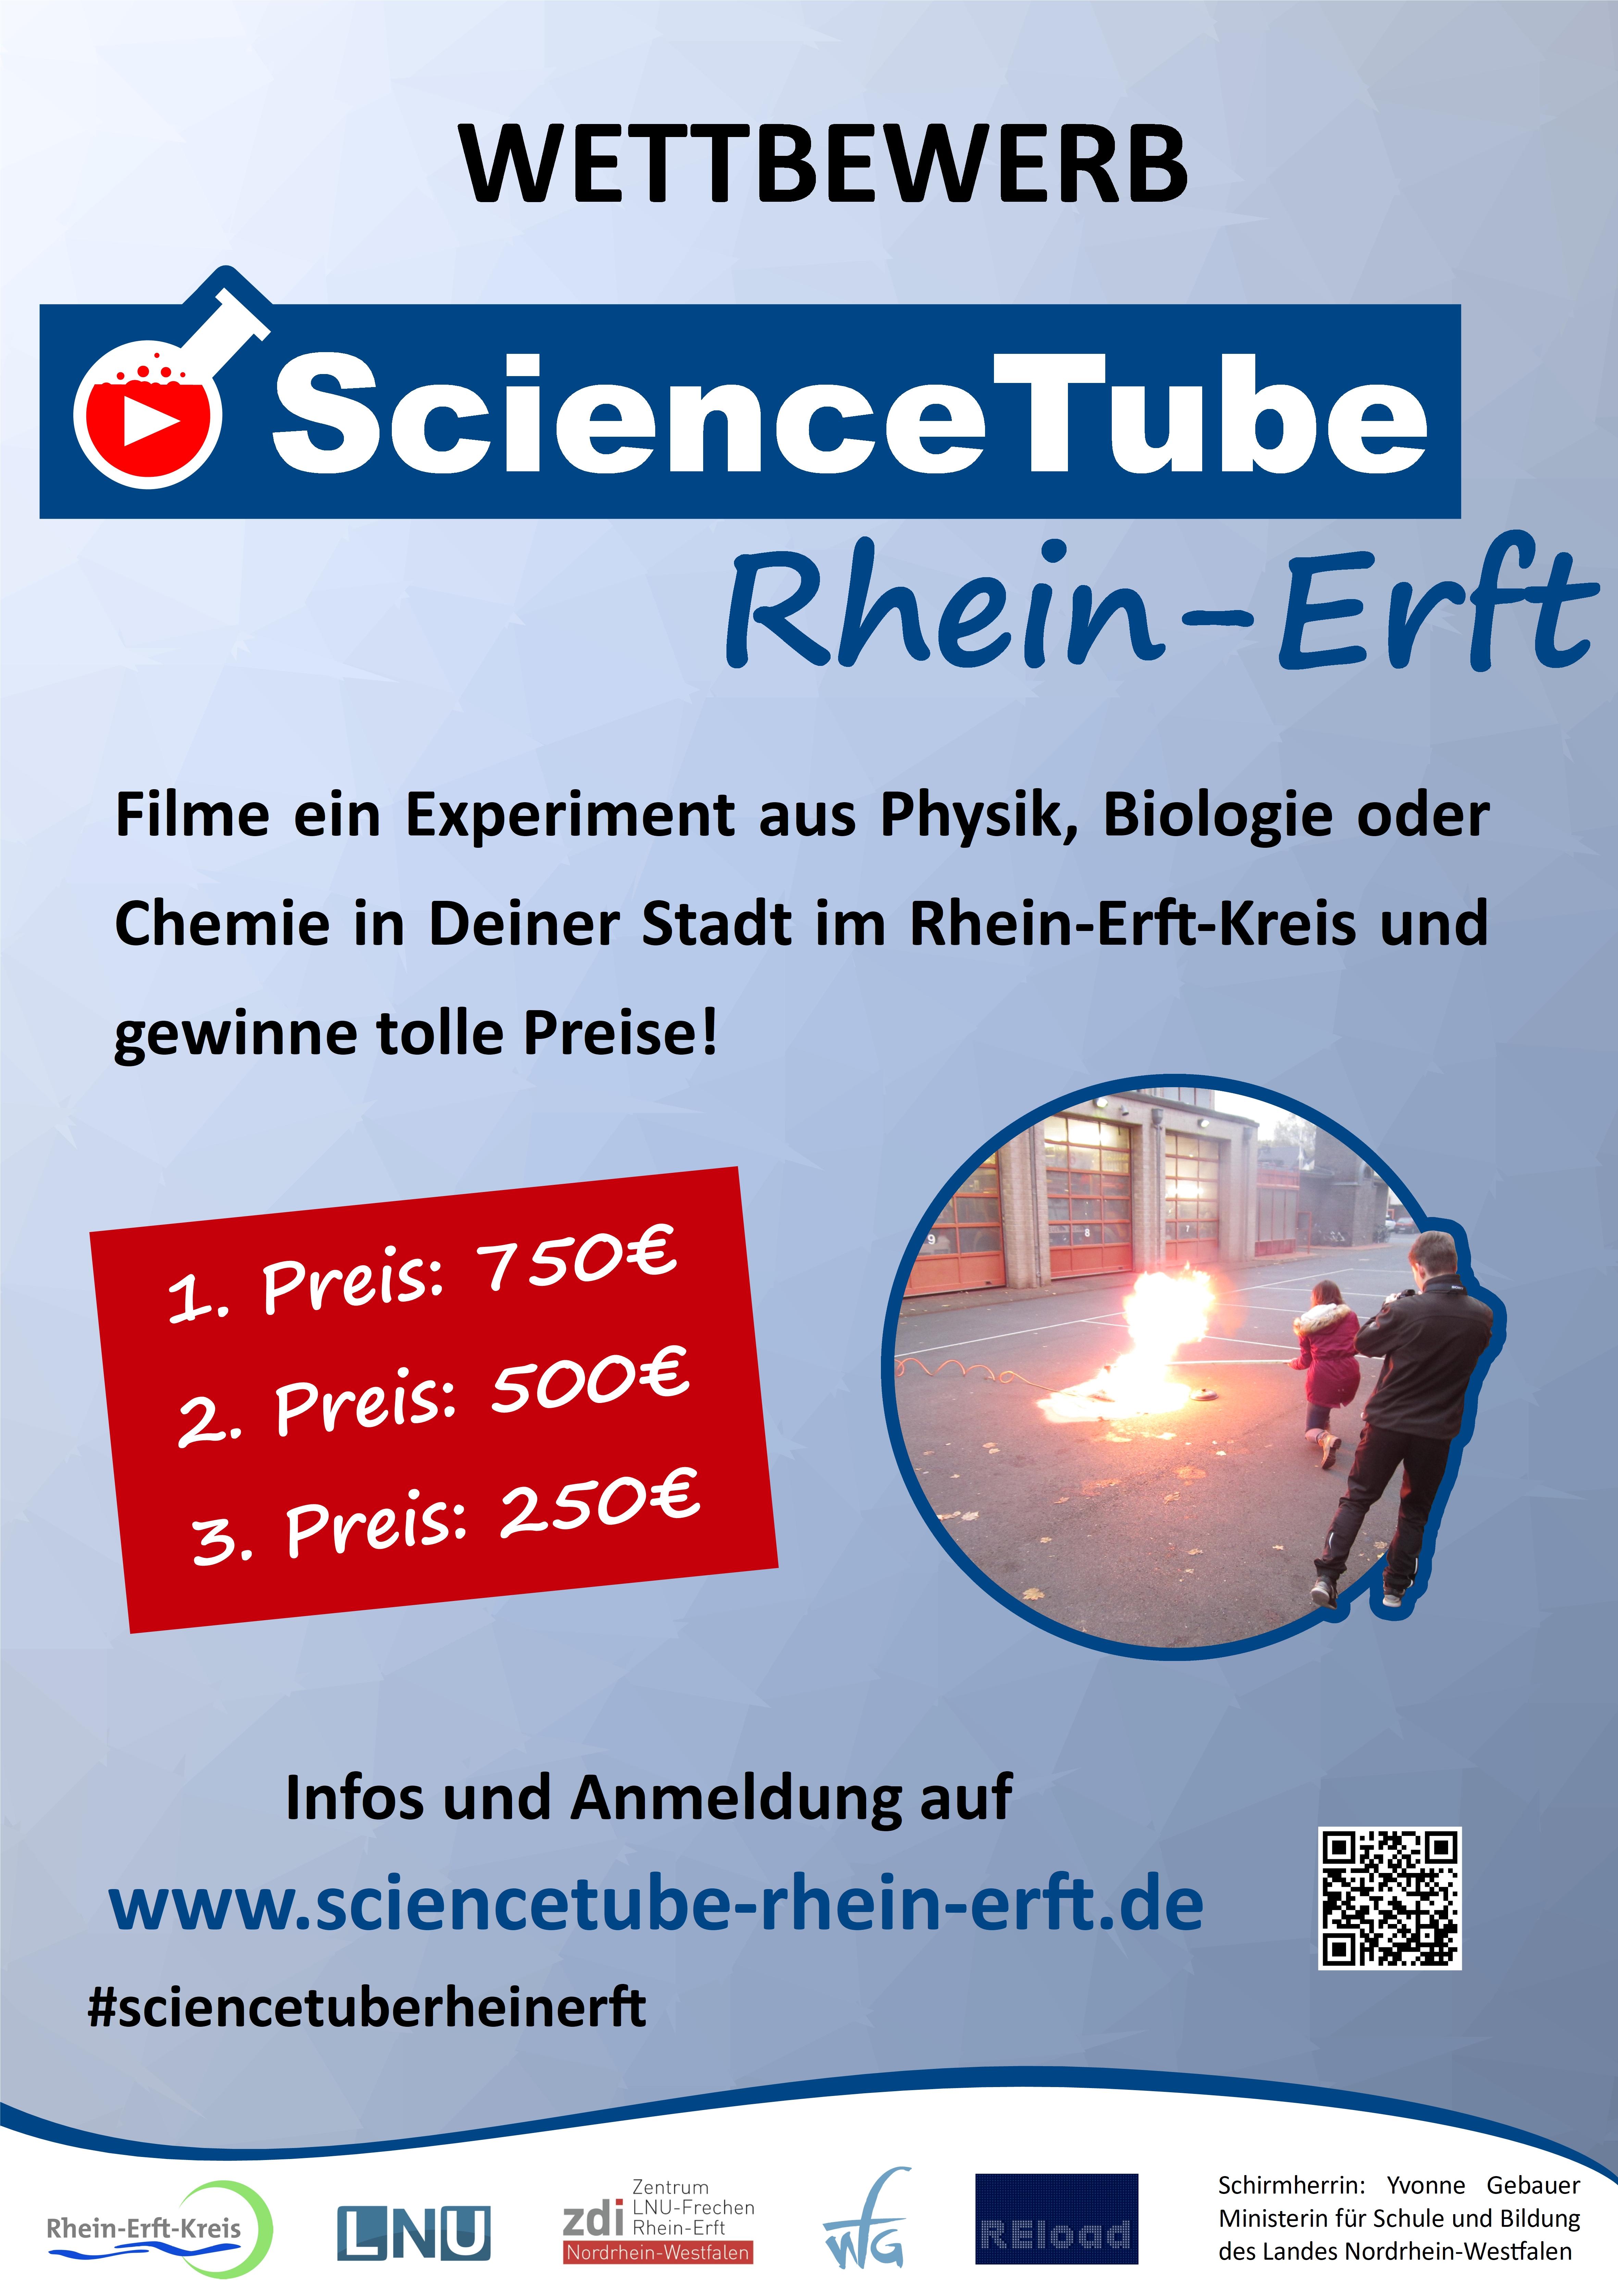 ScienceTube Rhein-Erft 2018